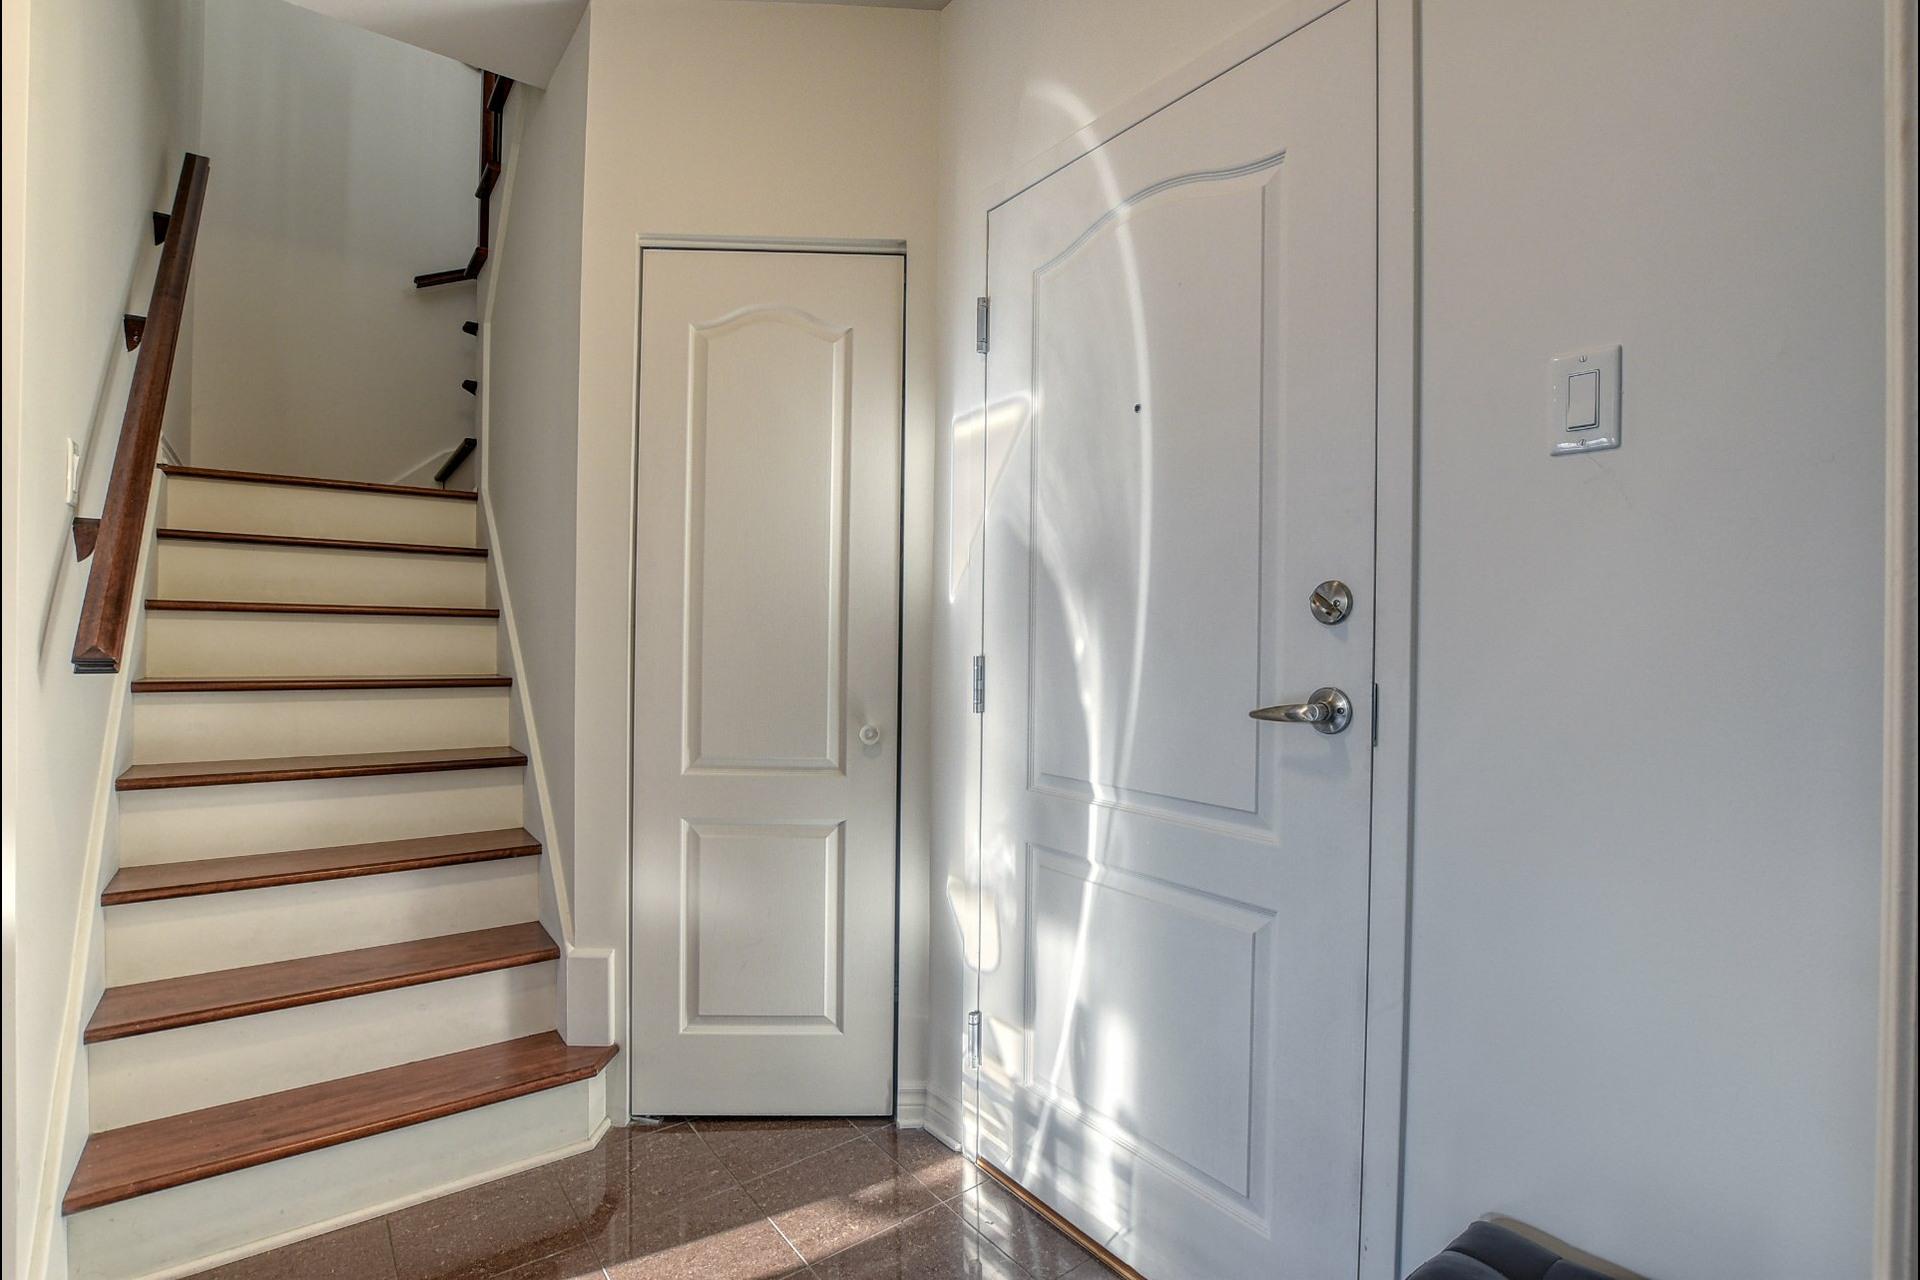 image 10 - Apartment For sale Saint-Laurent Montréal  - 7 rooms